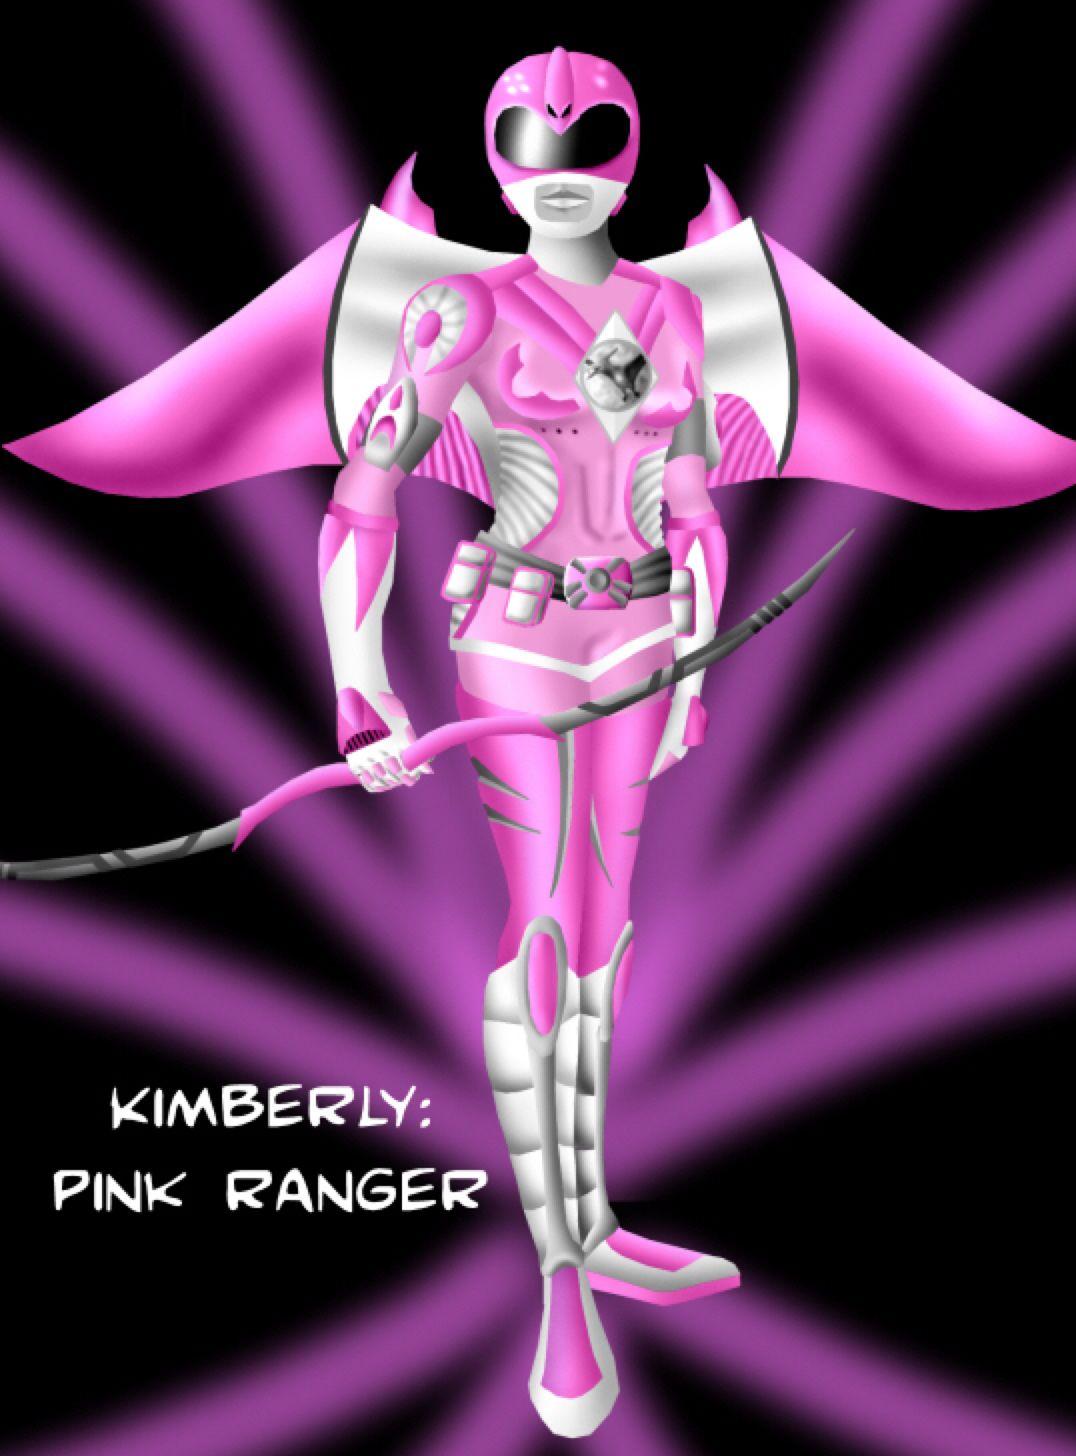 The Power Rangers: Kimberly by Distephano on @DeviantArt